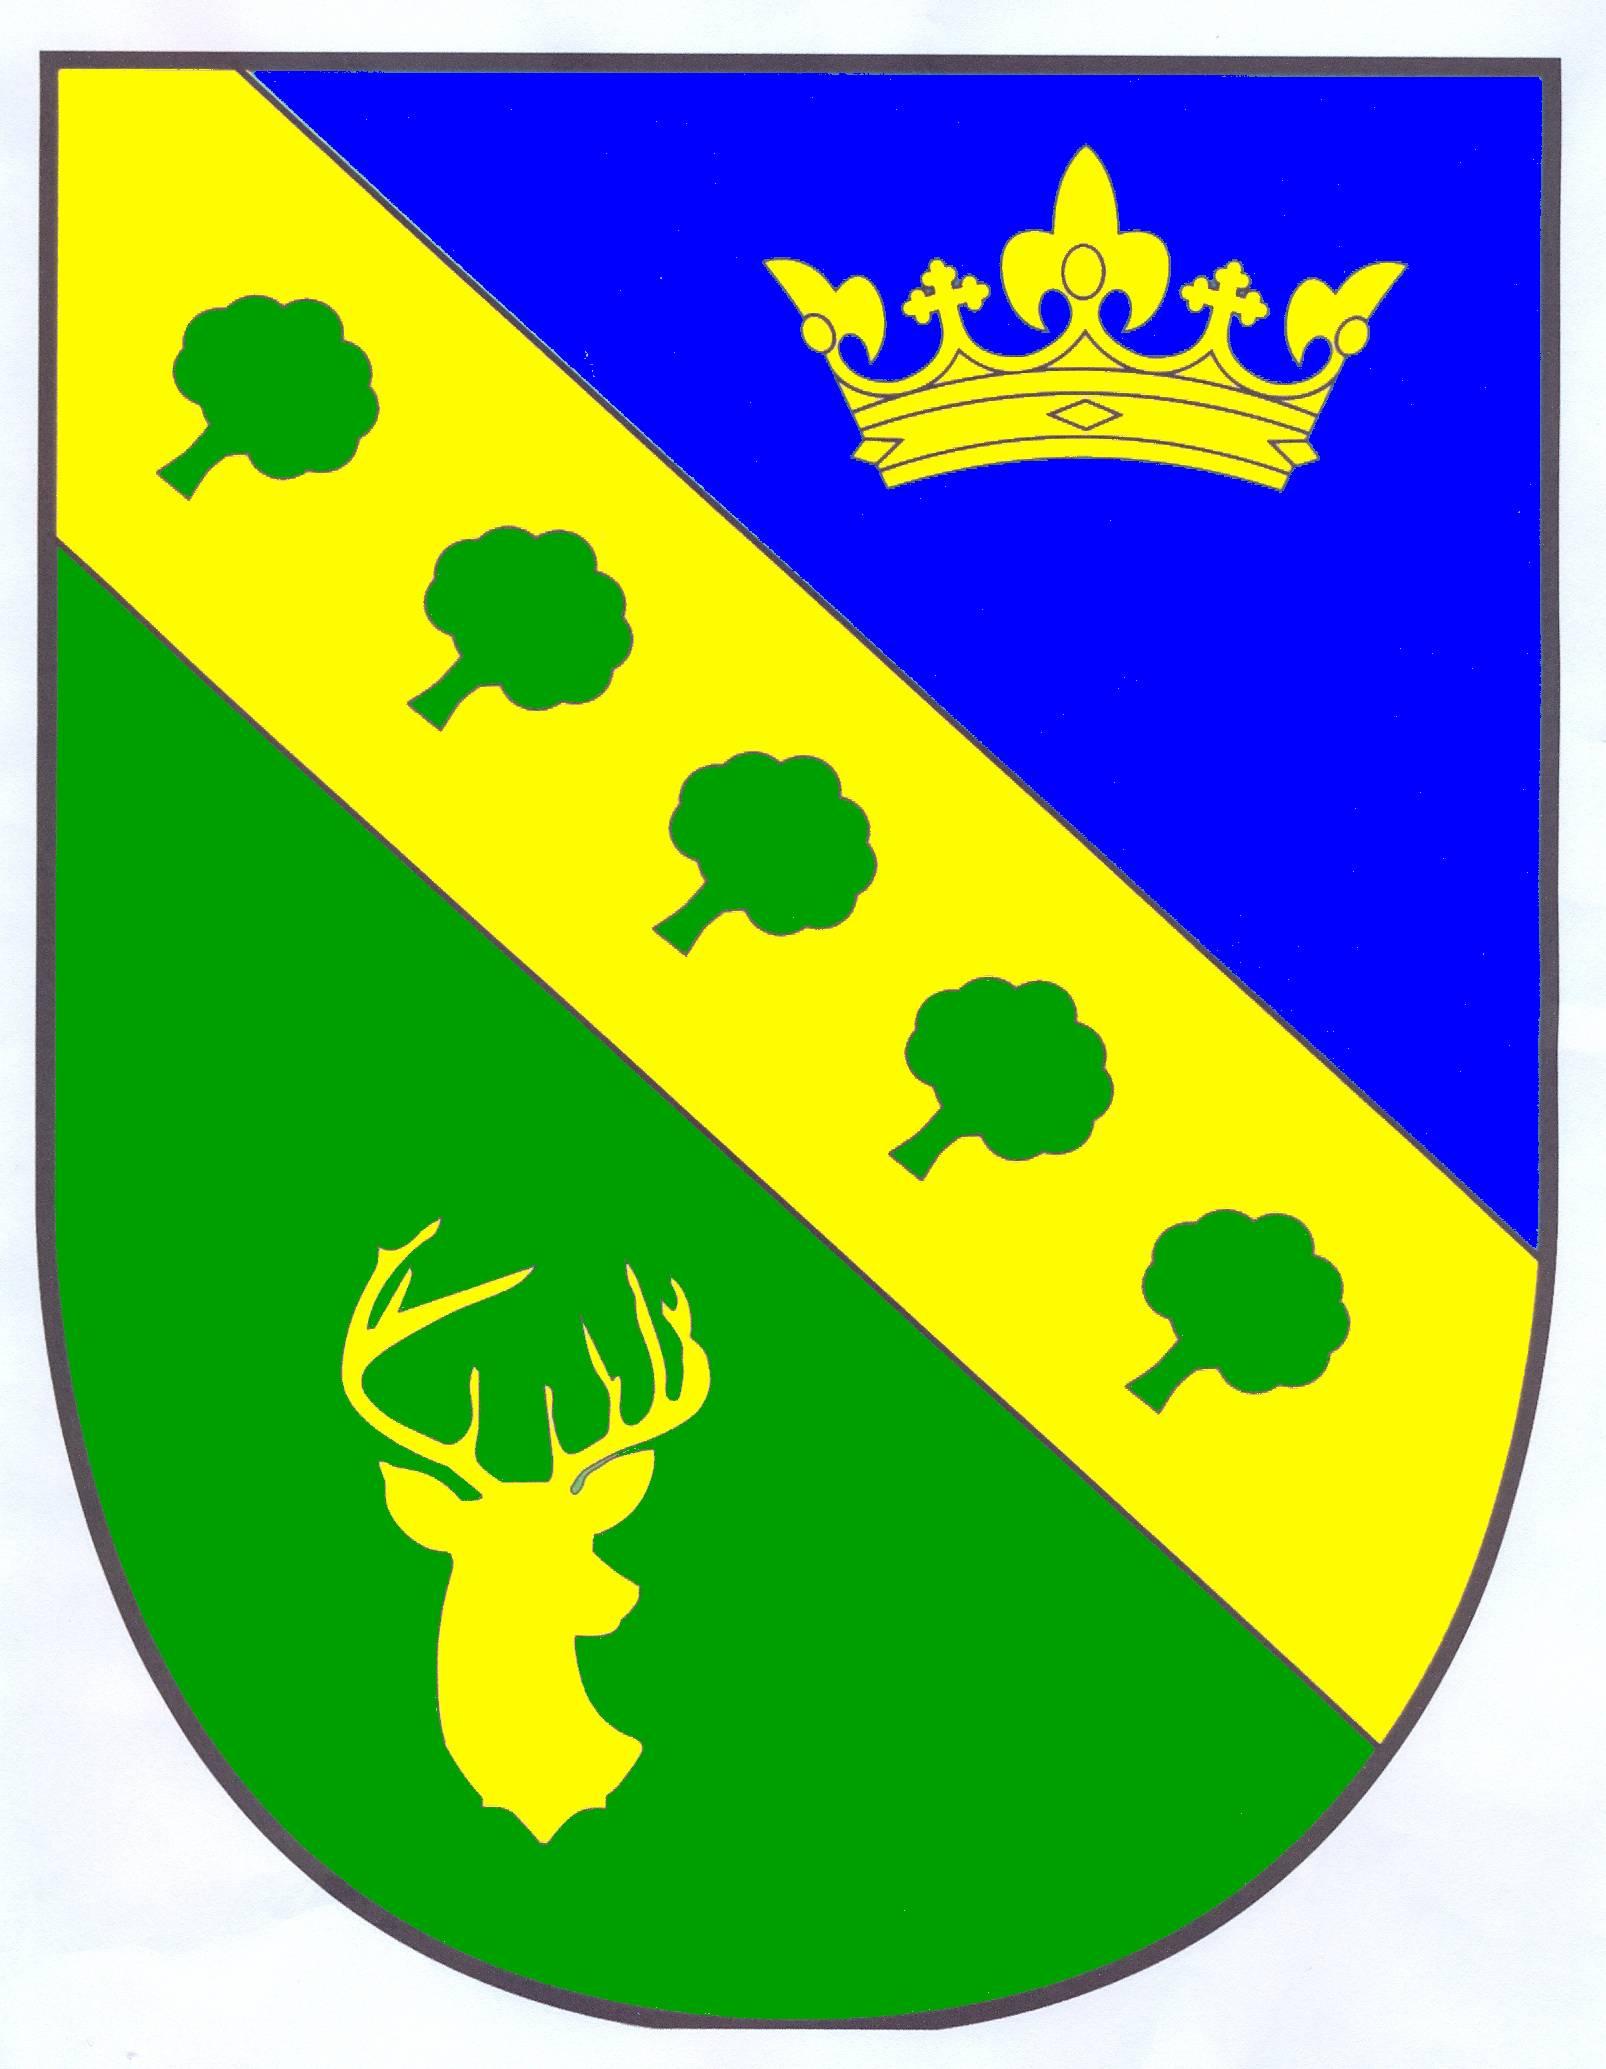 Wappen GemeindeKrummwisch, Kreis Rendsburg-Eckernförde